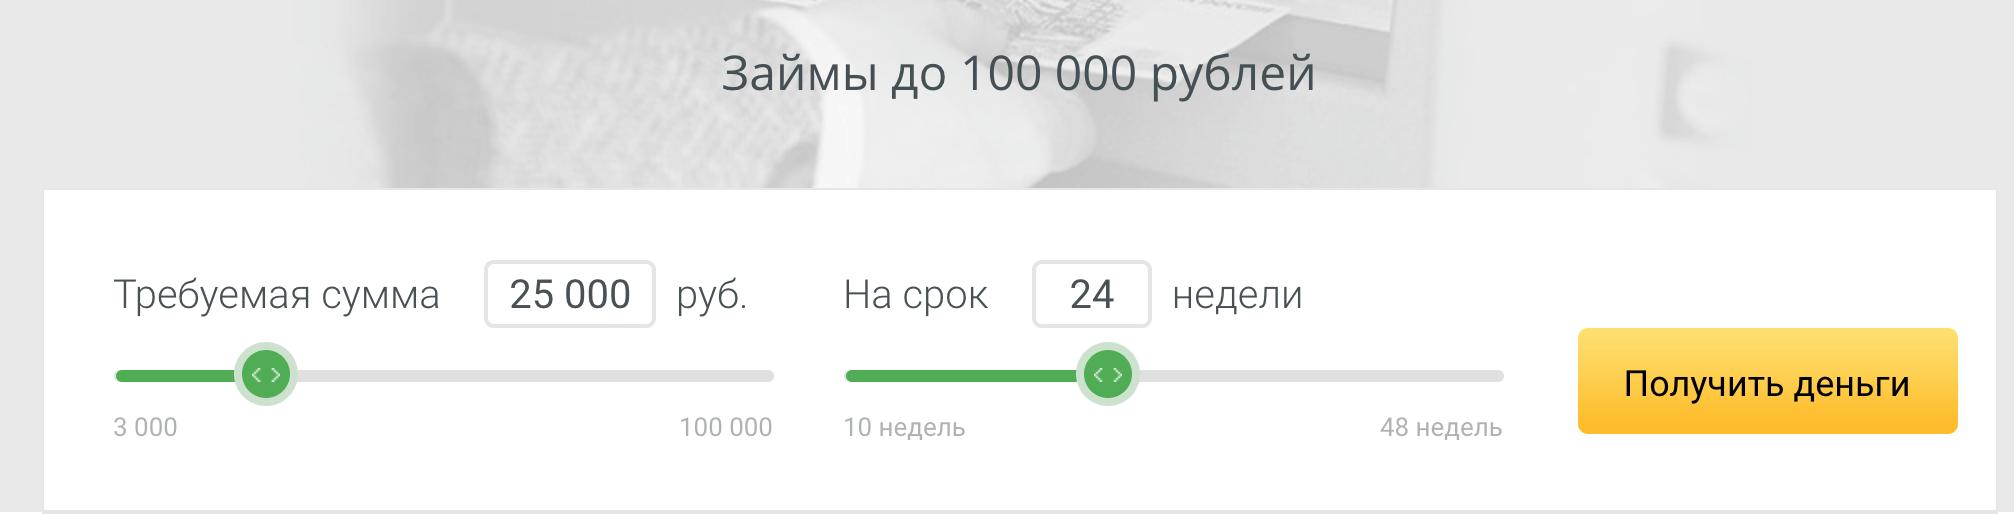 мигкредит оформить заявку онлайн русский стандарт банк кредит калькулятор